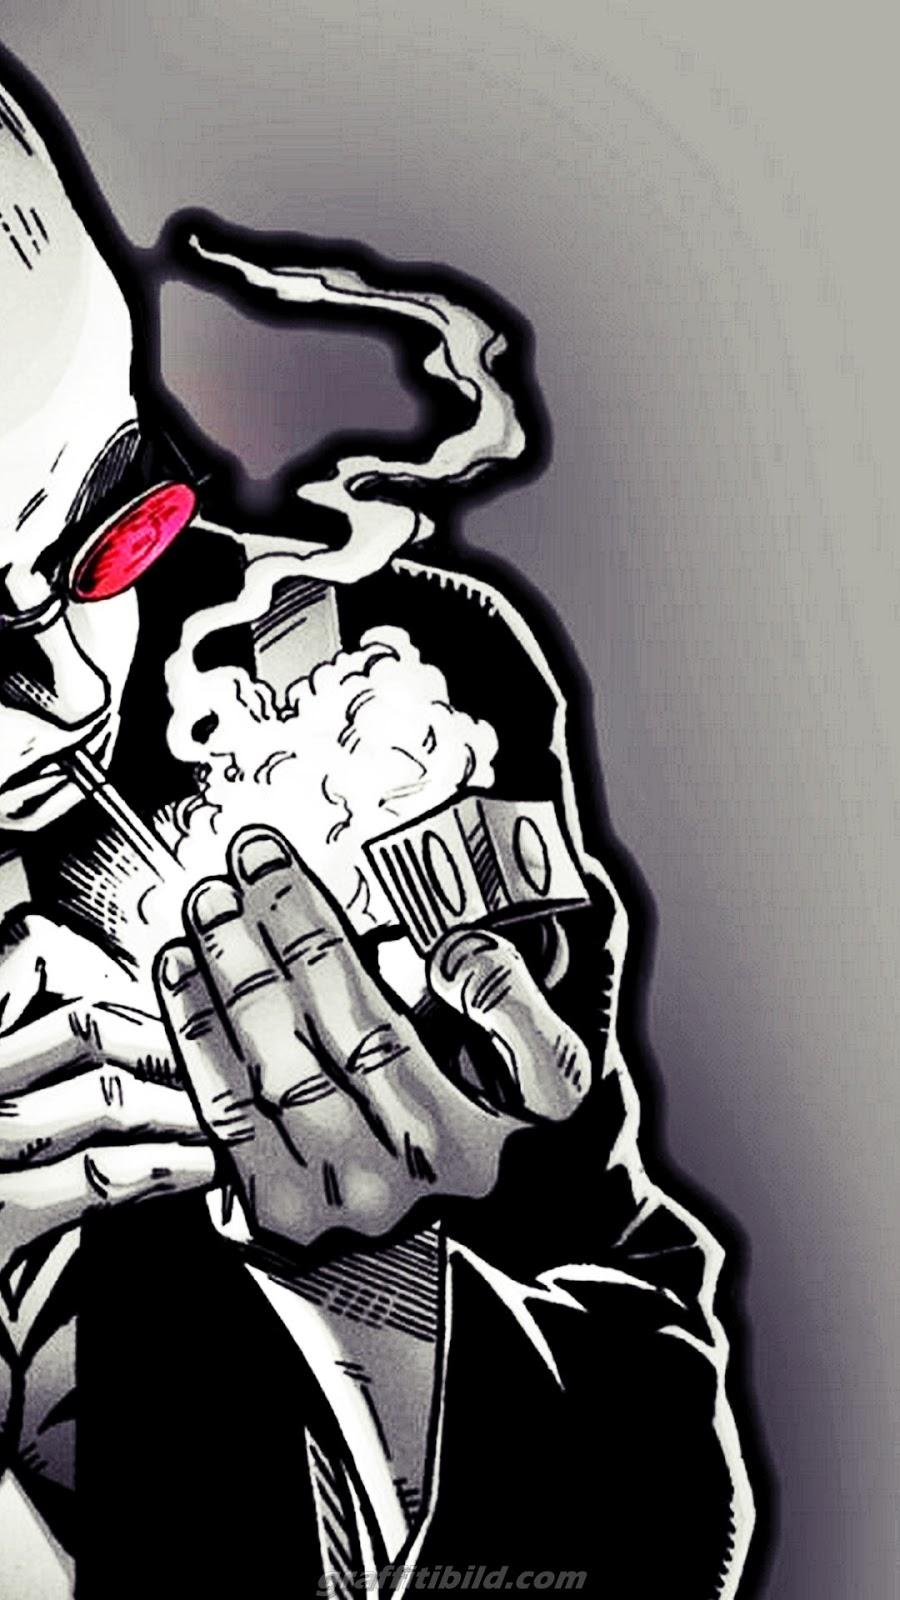 graffiti hintergrundbilder kostenlos, graffiti wallpaper for android phone